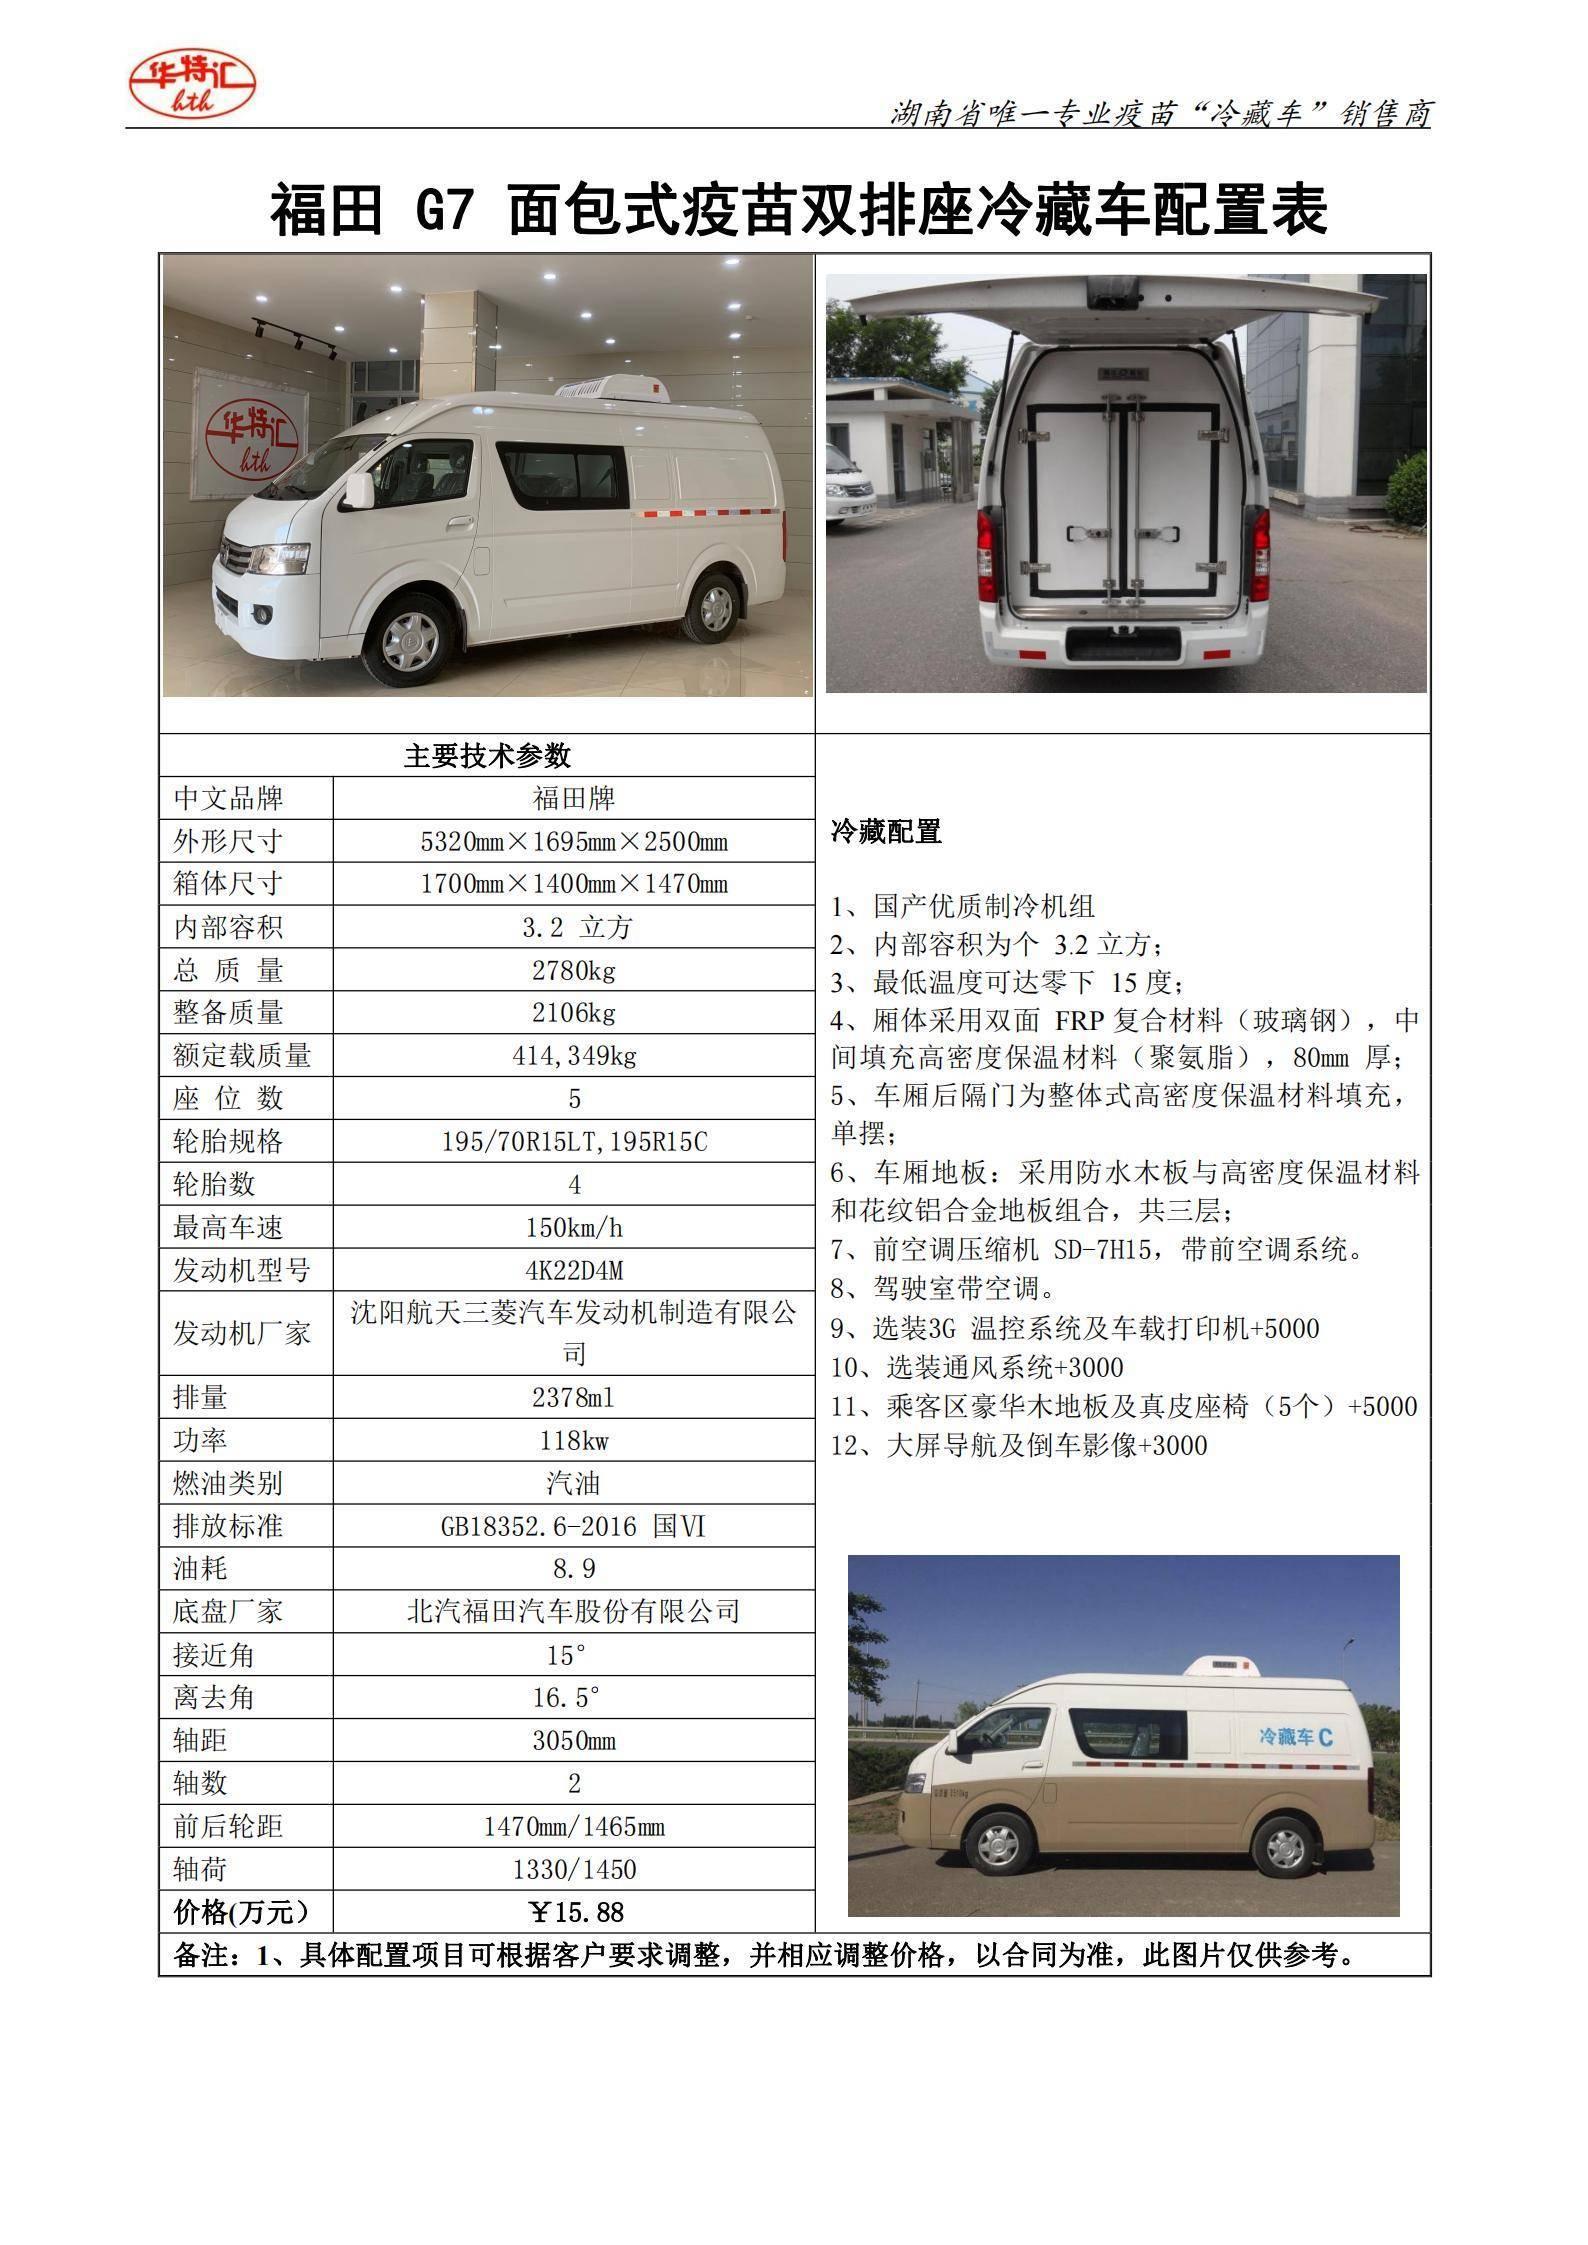 福田G7面包式冷藏车——双排座_00